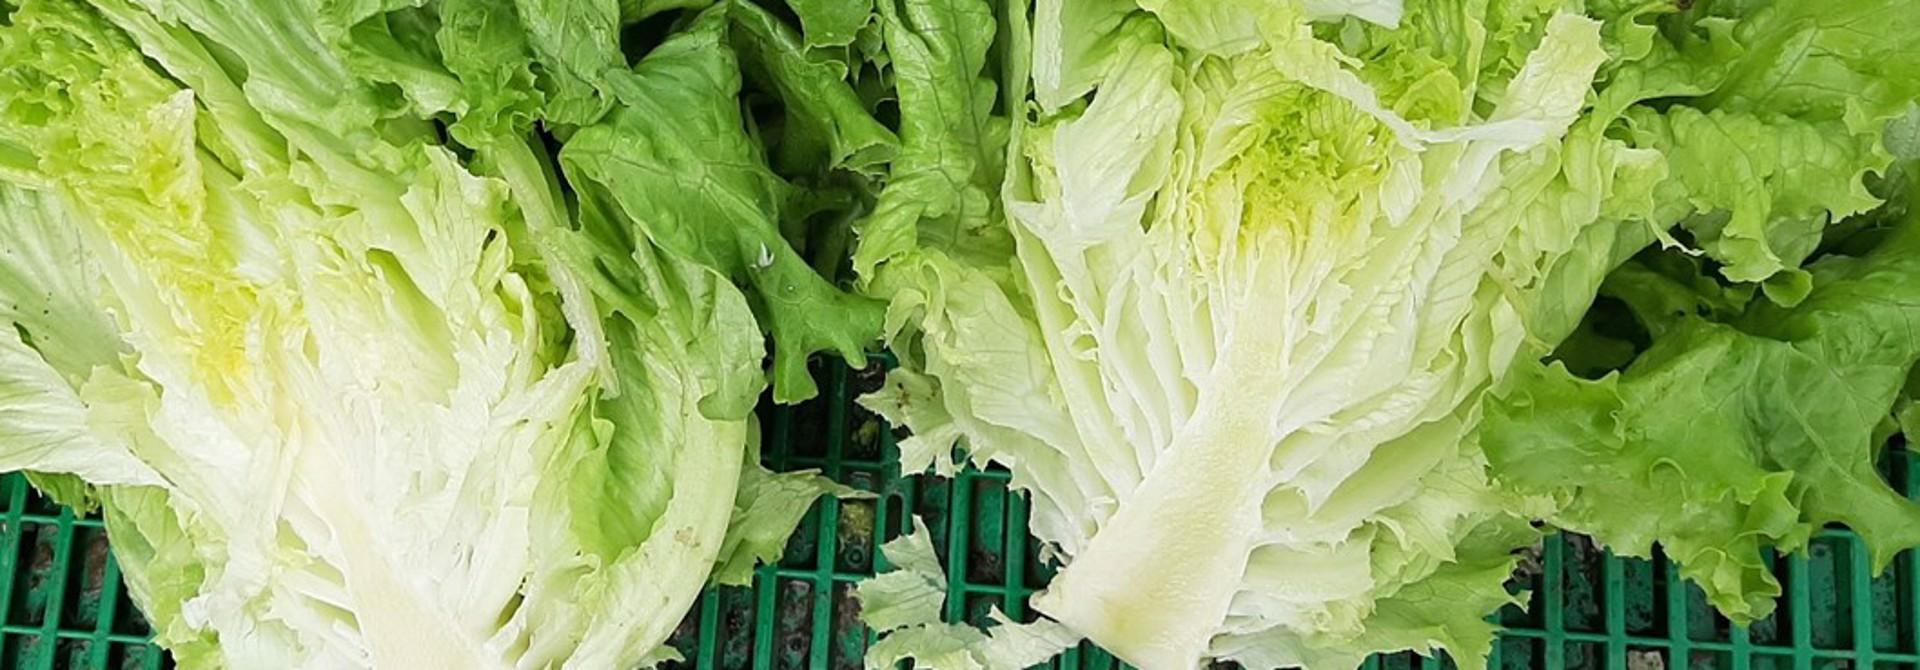 Bei den Salaten verlangen die Qualitu00e4tsnormen, dass diese nicht aufgeschossen sind wie hier bei einem gru00fcnen Bataviasalat, weil dies die Qualitu00e4t geschmacklich und beim Ru00fcstaufwand zuhause beeintru00e4chtigt.>